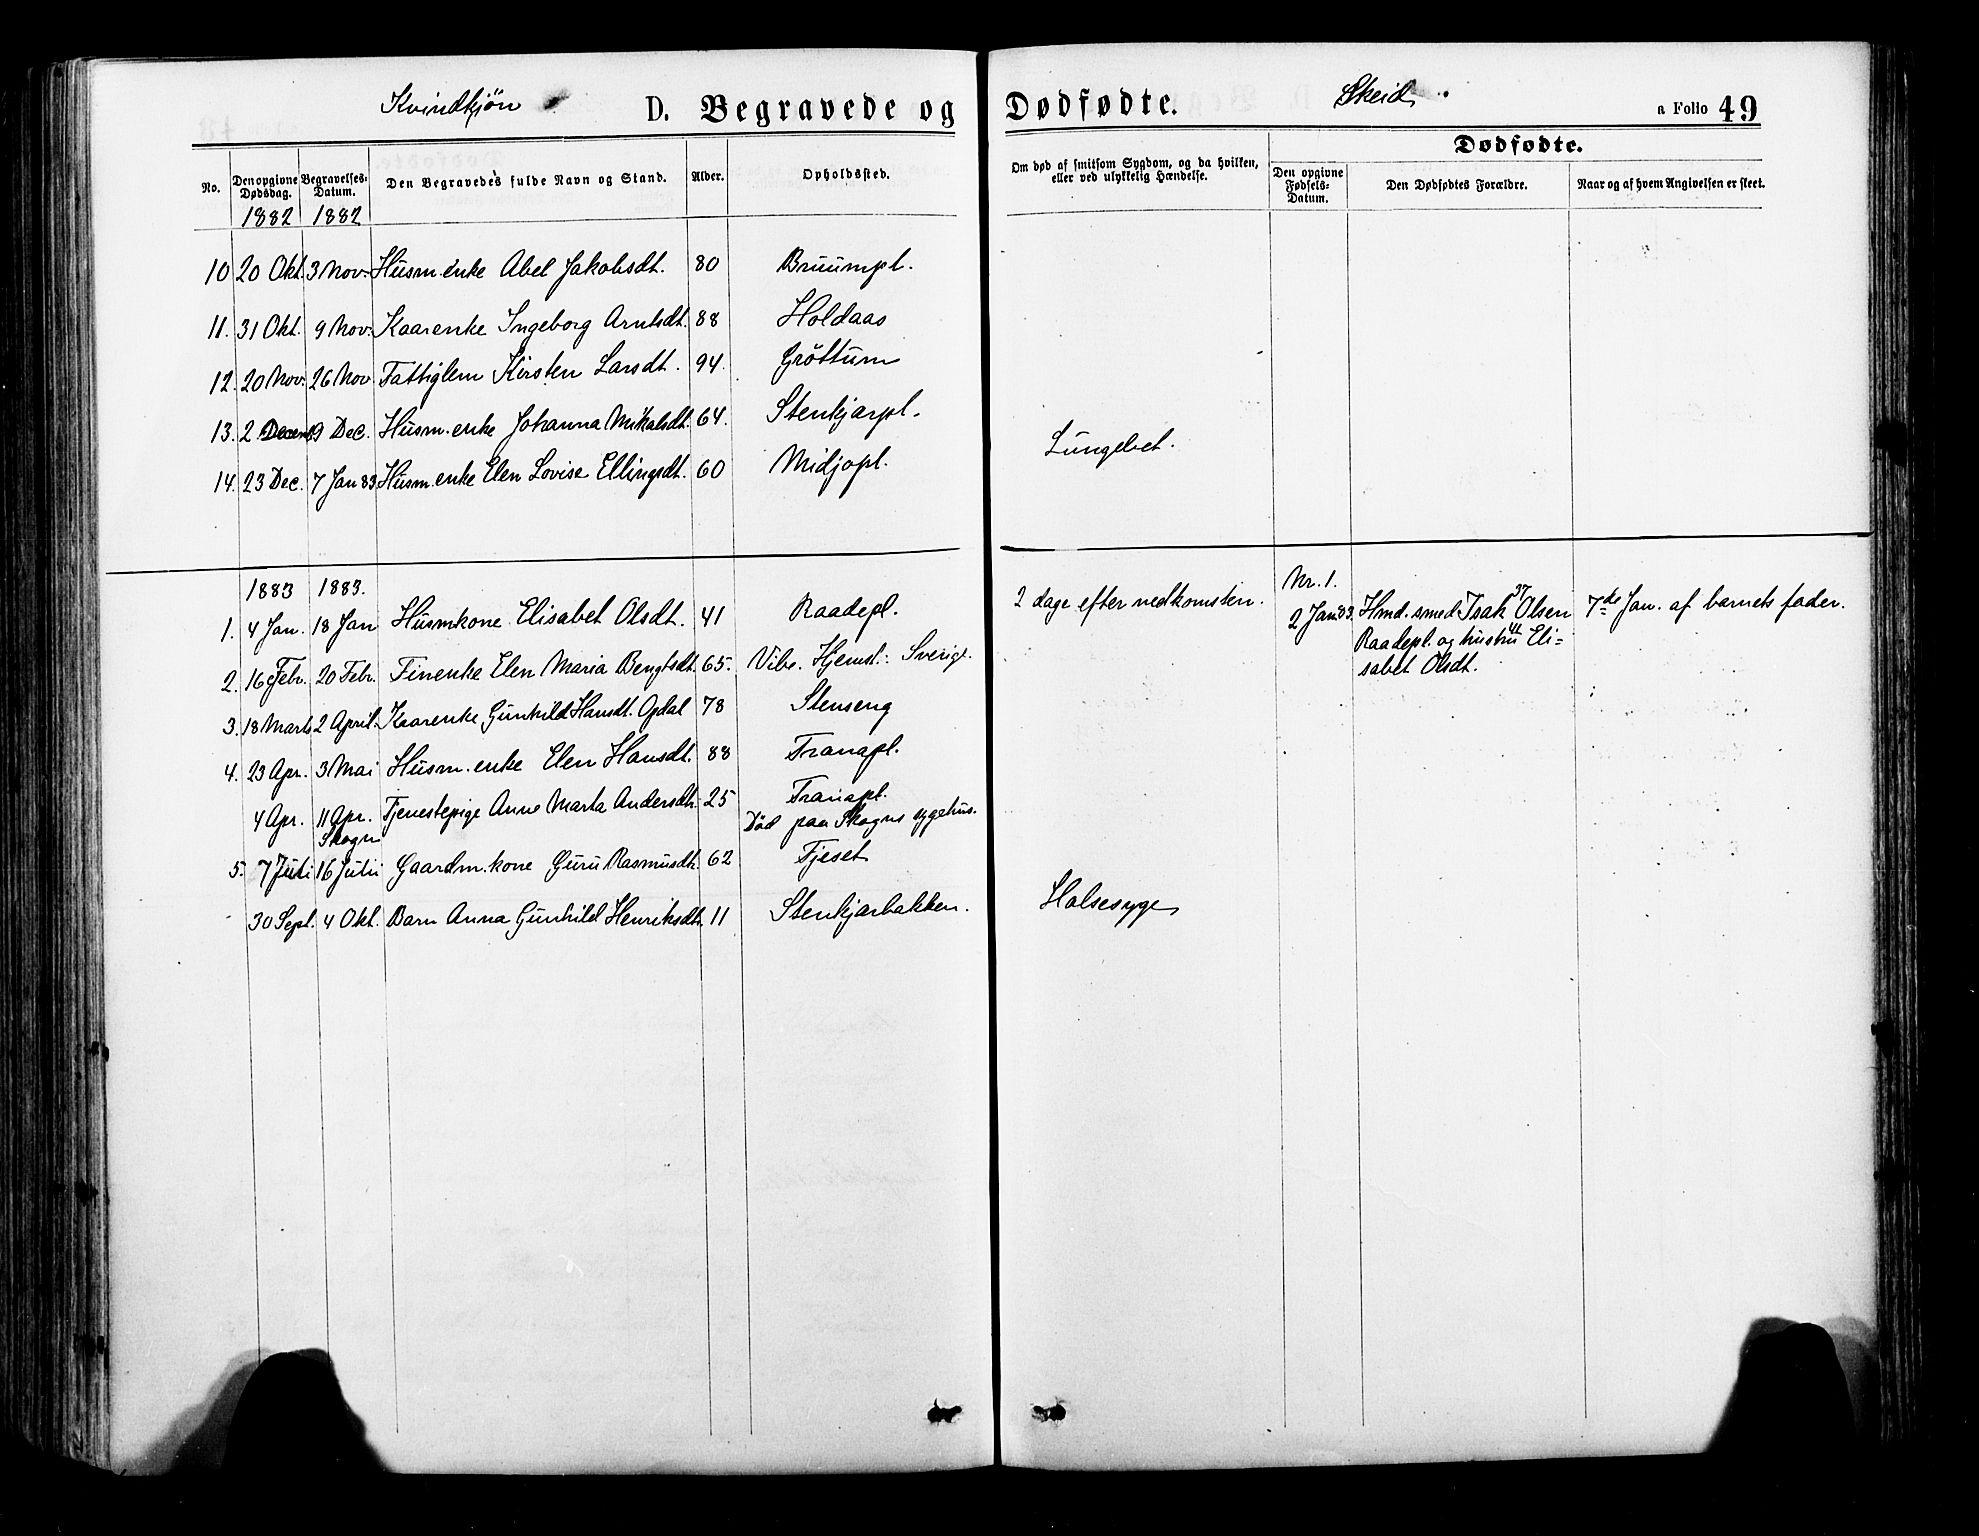 SAT, Ministerialprotokoller, klokkerbøker og fødselsregistre - Nord-Trøndelag, 735/L0348: Ministerialbok nr. 735A09 /2, 1873-1883, s. 49